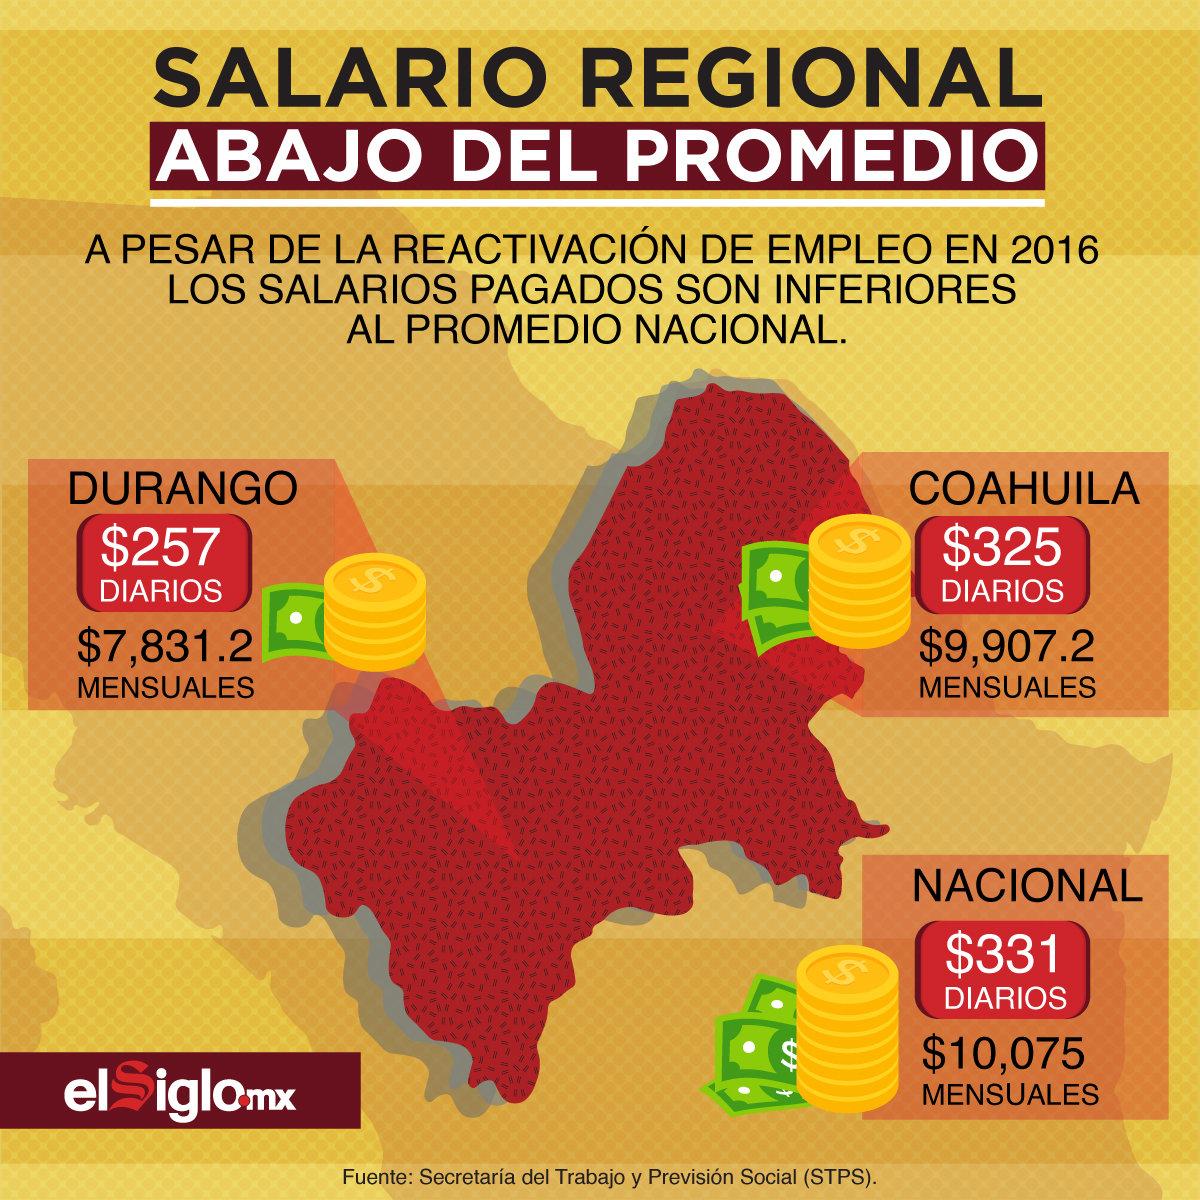 Salario regional, abajo del promedio